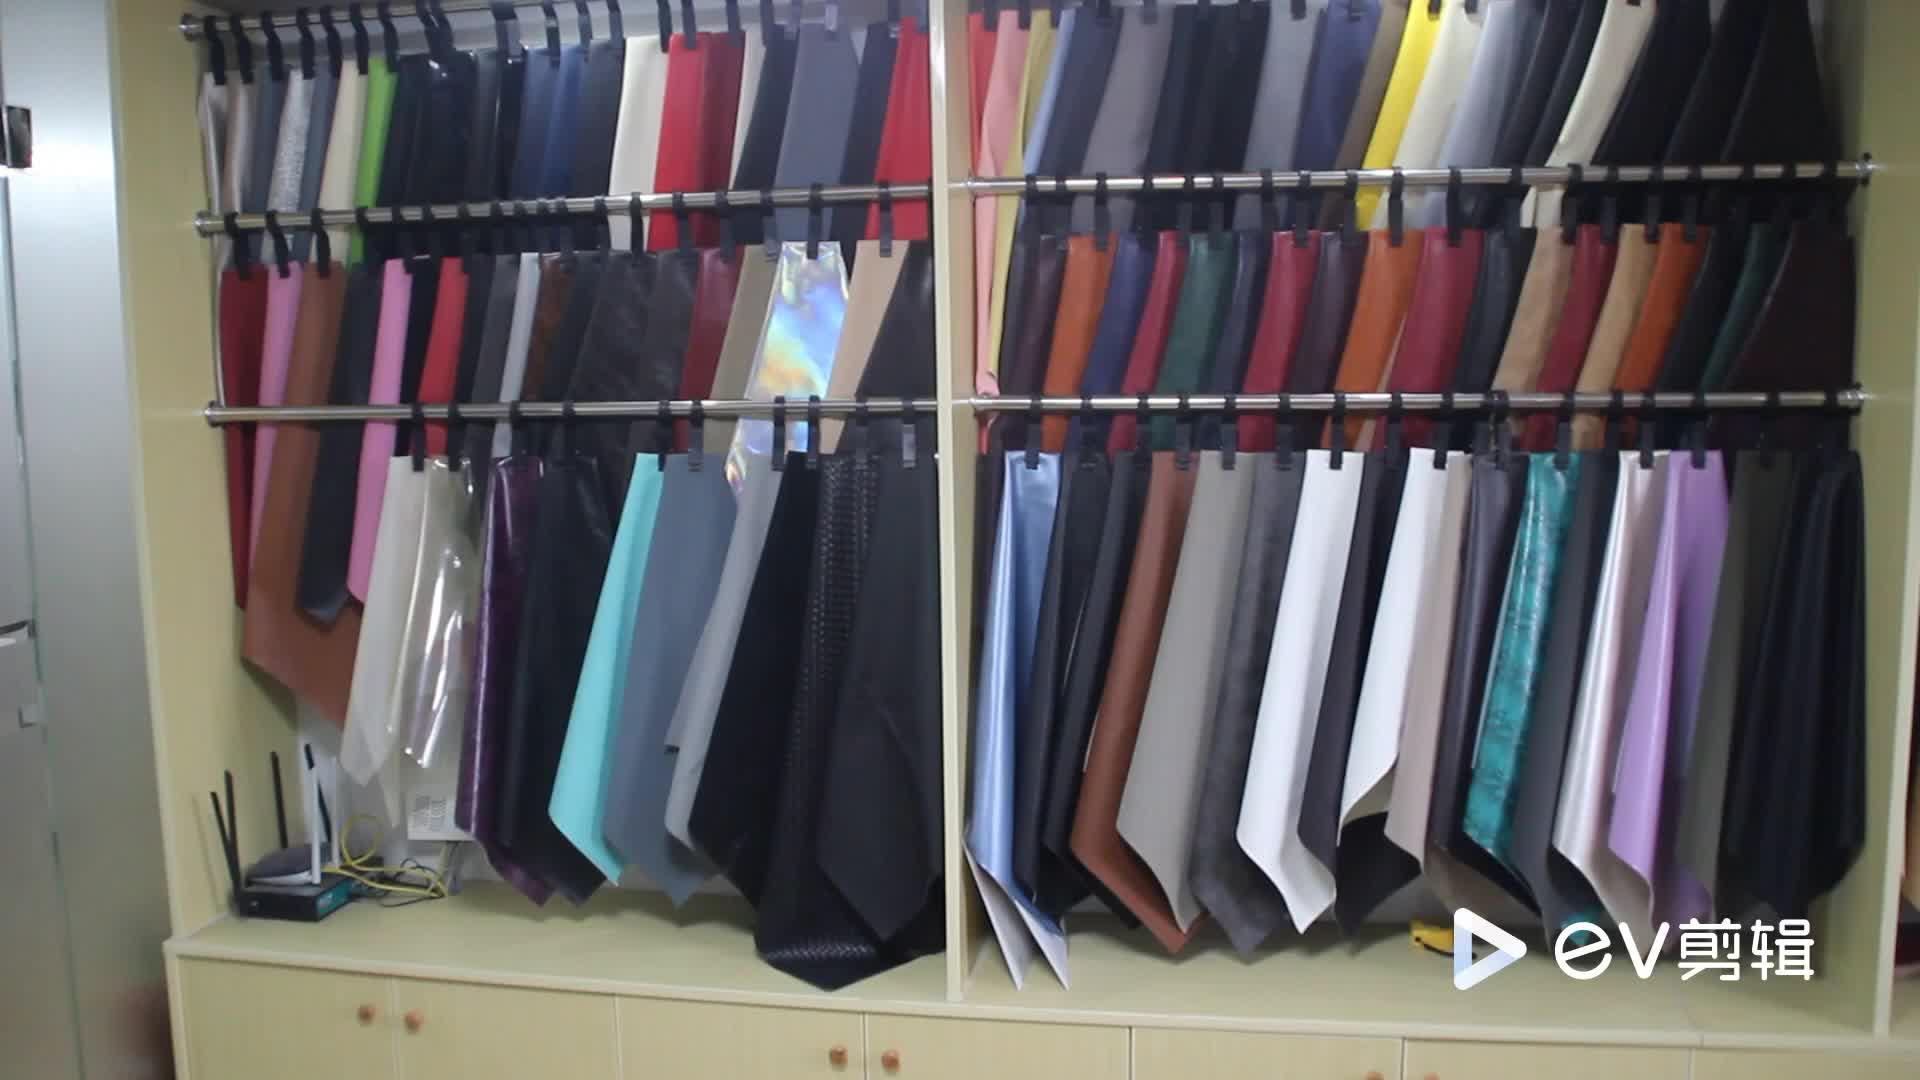 100% beliebte Pu Leder Großhandel Material Stoff Synthetische Faux Künstliche Pvc Pu Leder Für Weiche Hintergrund Wand